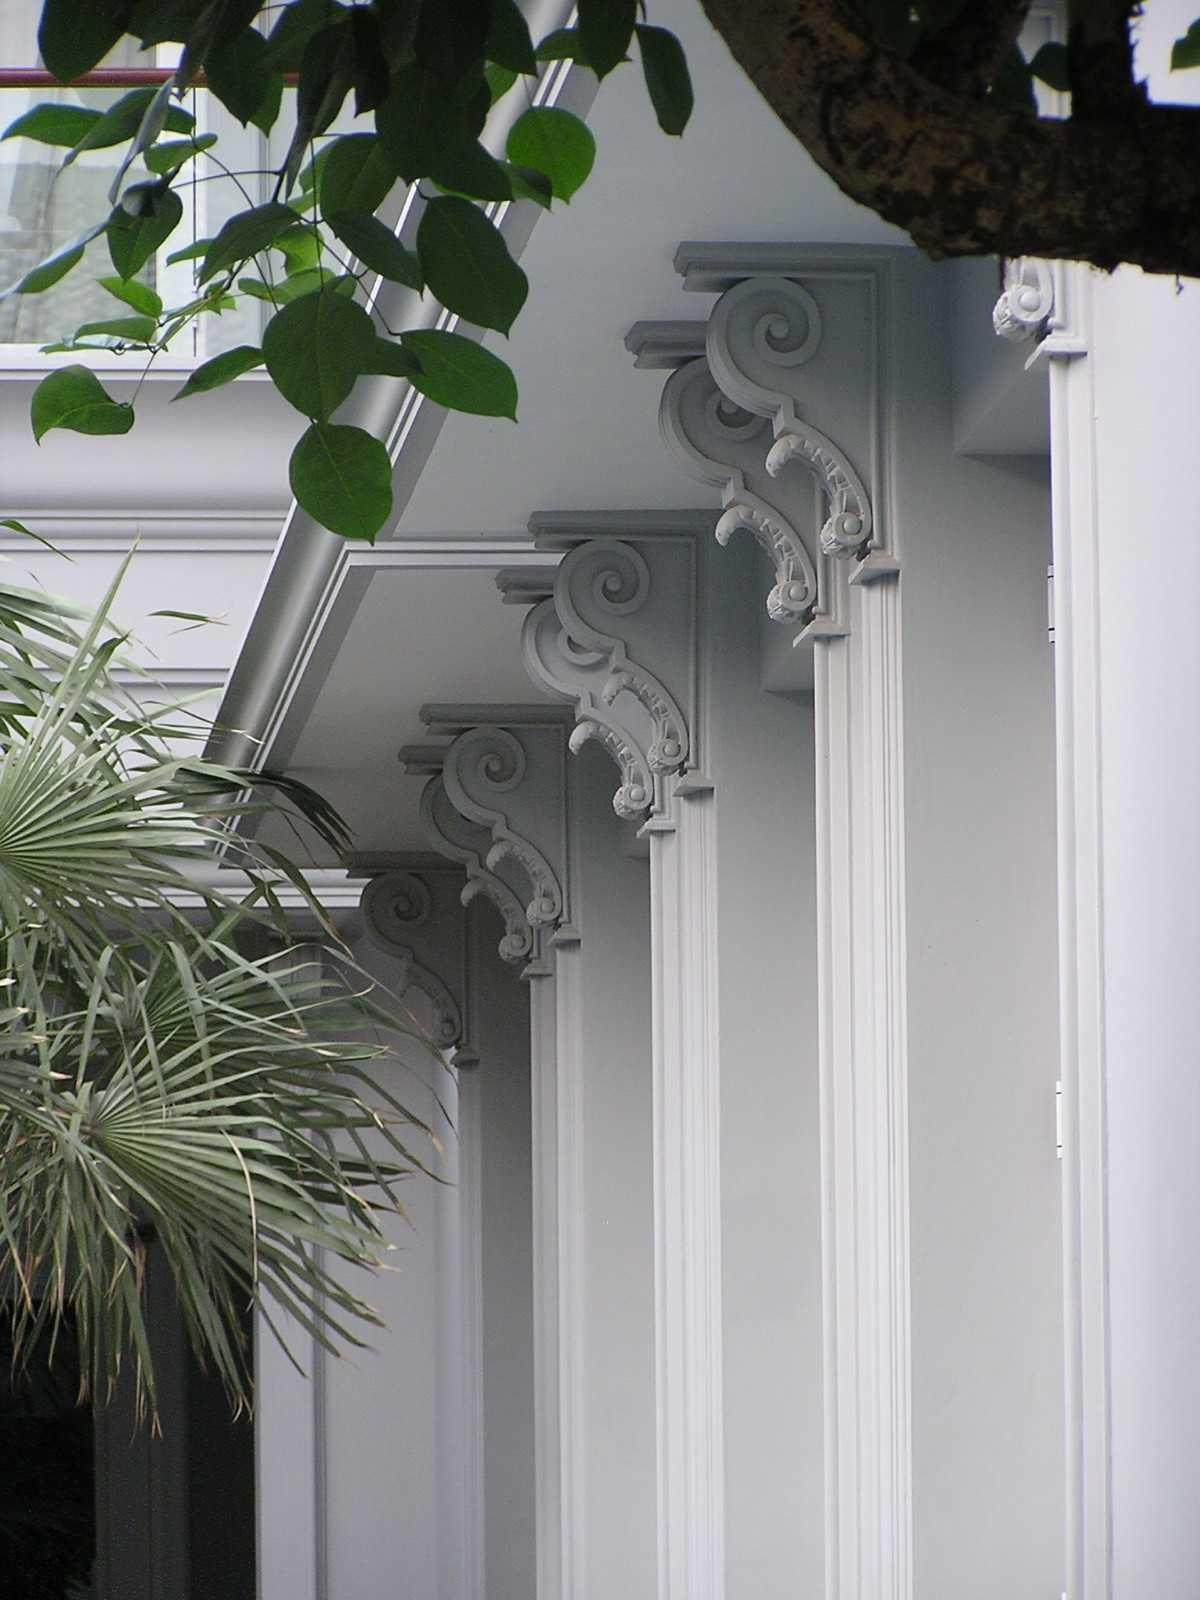 Pt. Garisprada Pondok Indah Residence Pondok Pinang, Kebayoran Lama, South Jakarta City, Jakarta, Indonesia Pondok Indah Exterior Detail Modern  21878